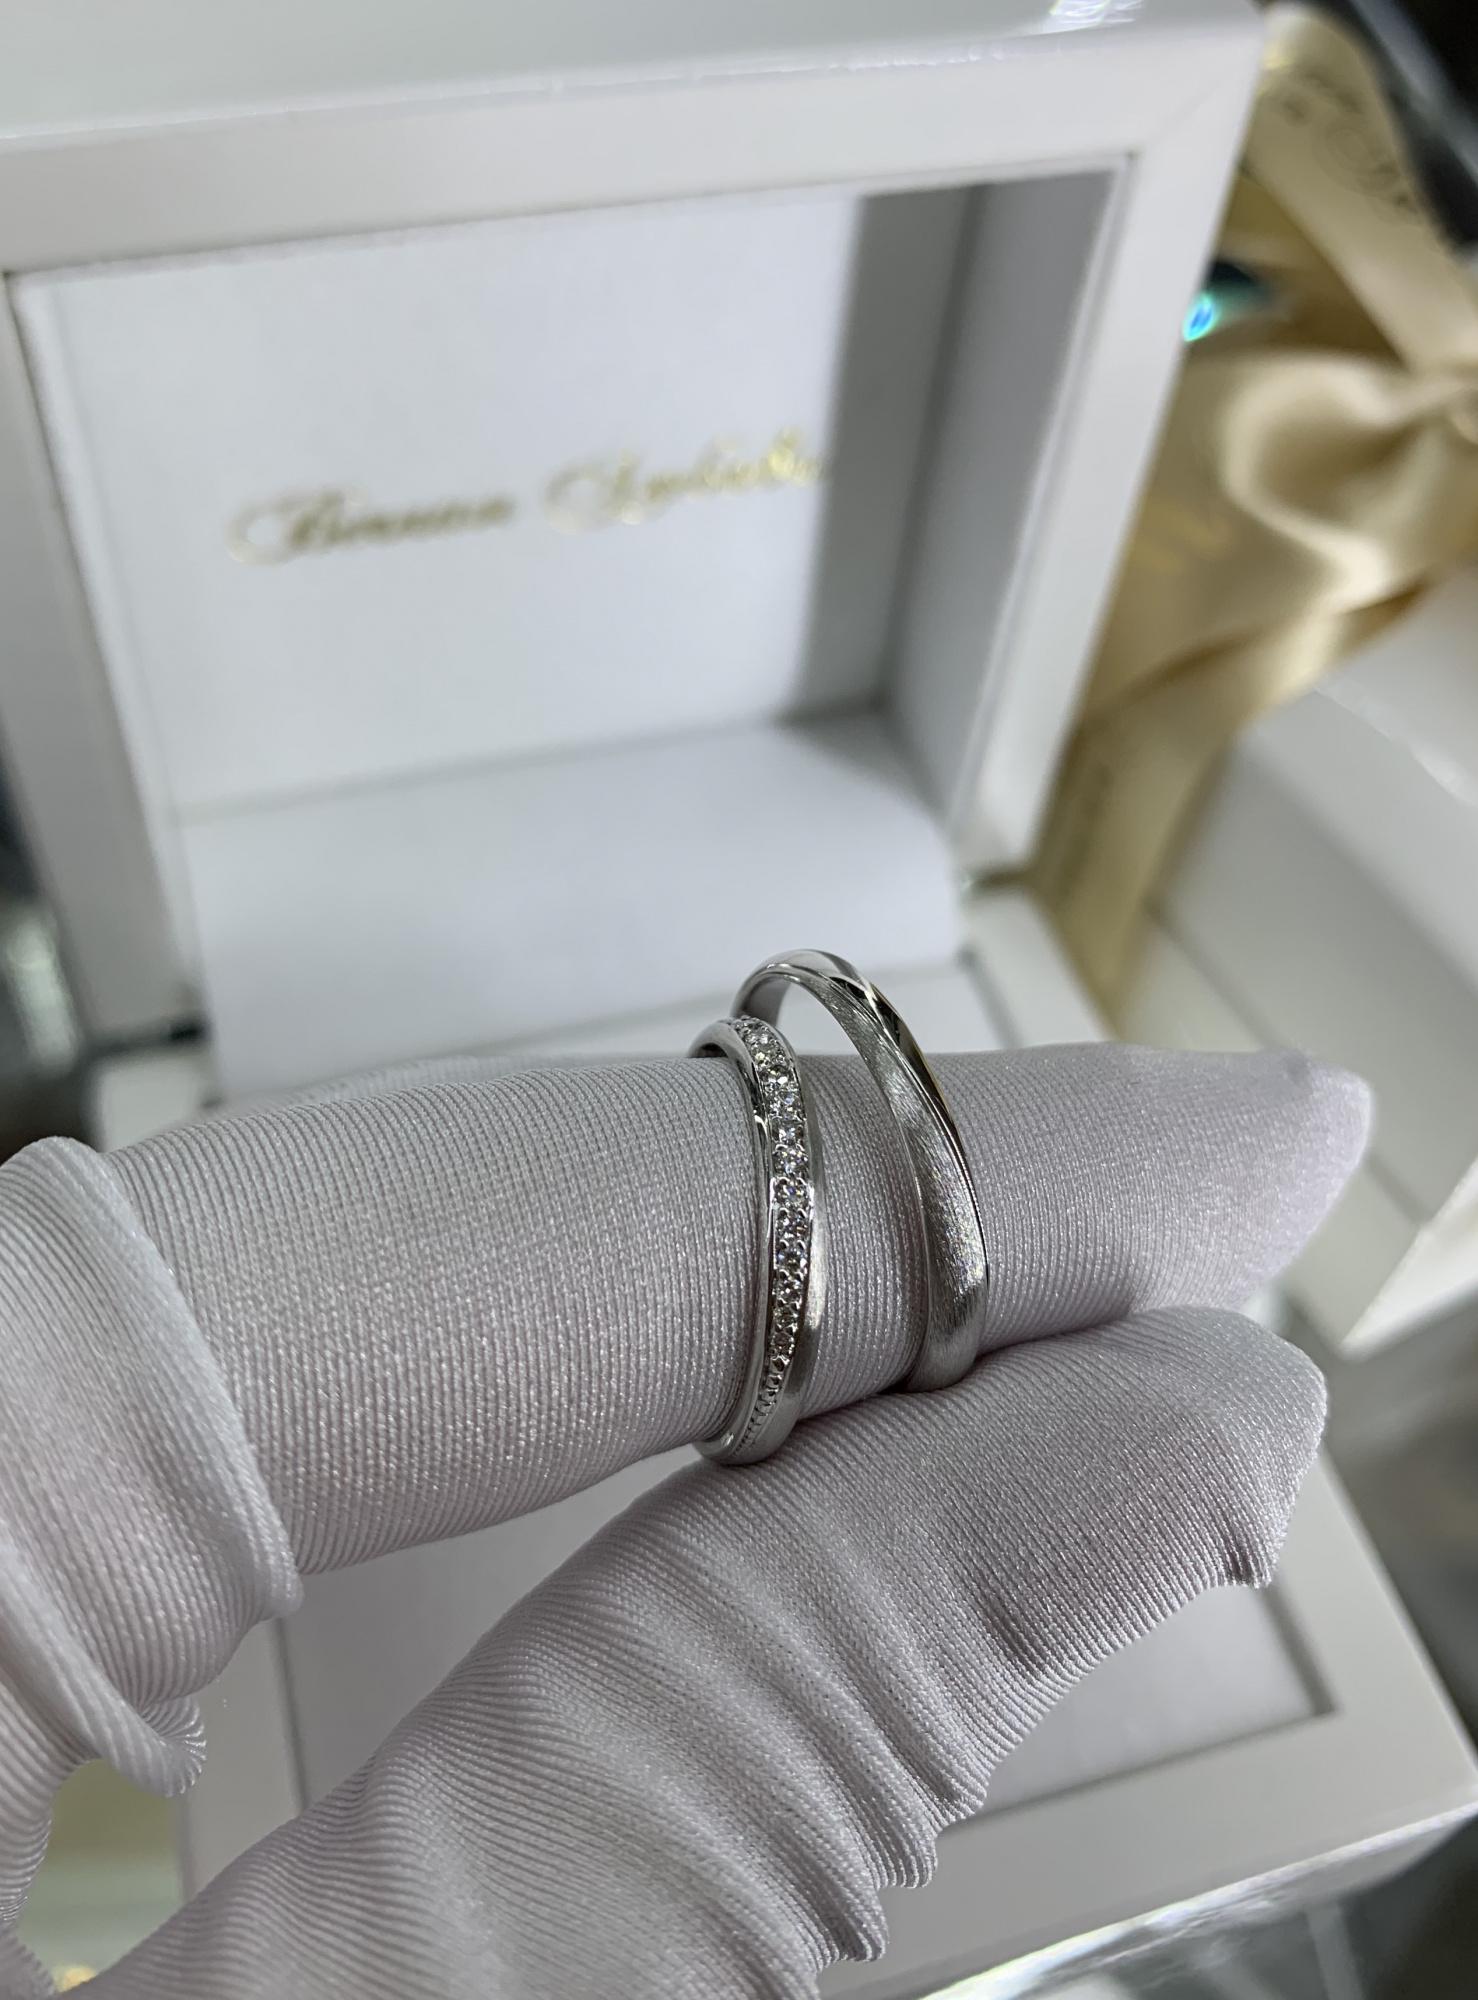 NV38 - парные обручальныекольца из белого золота с бриллиантами